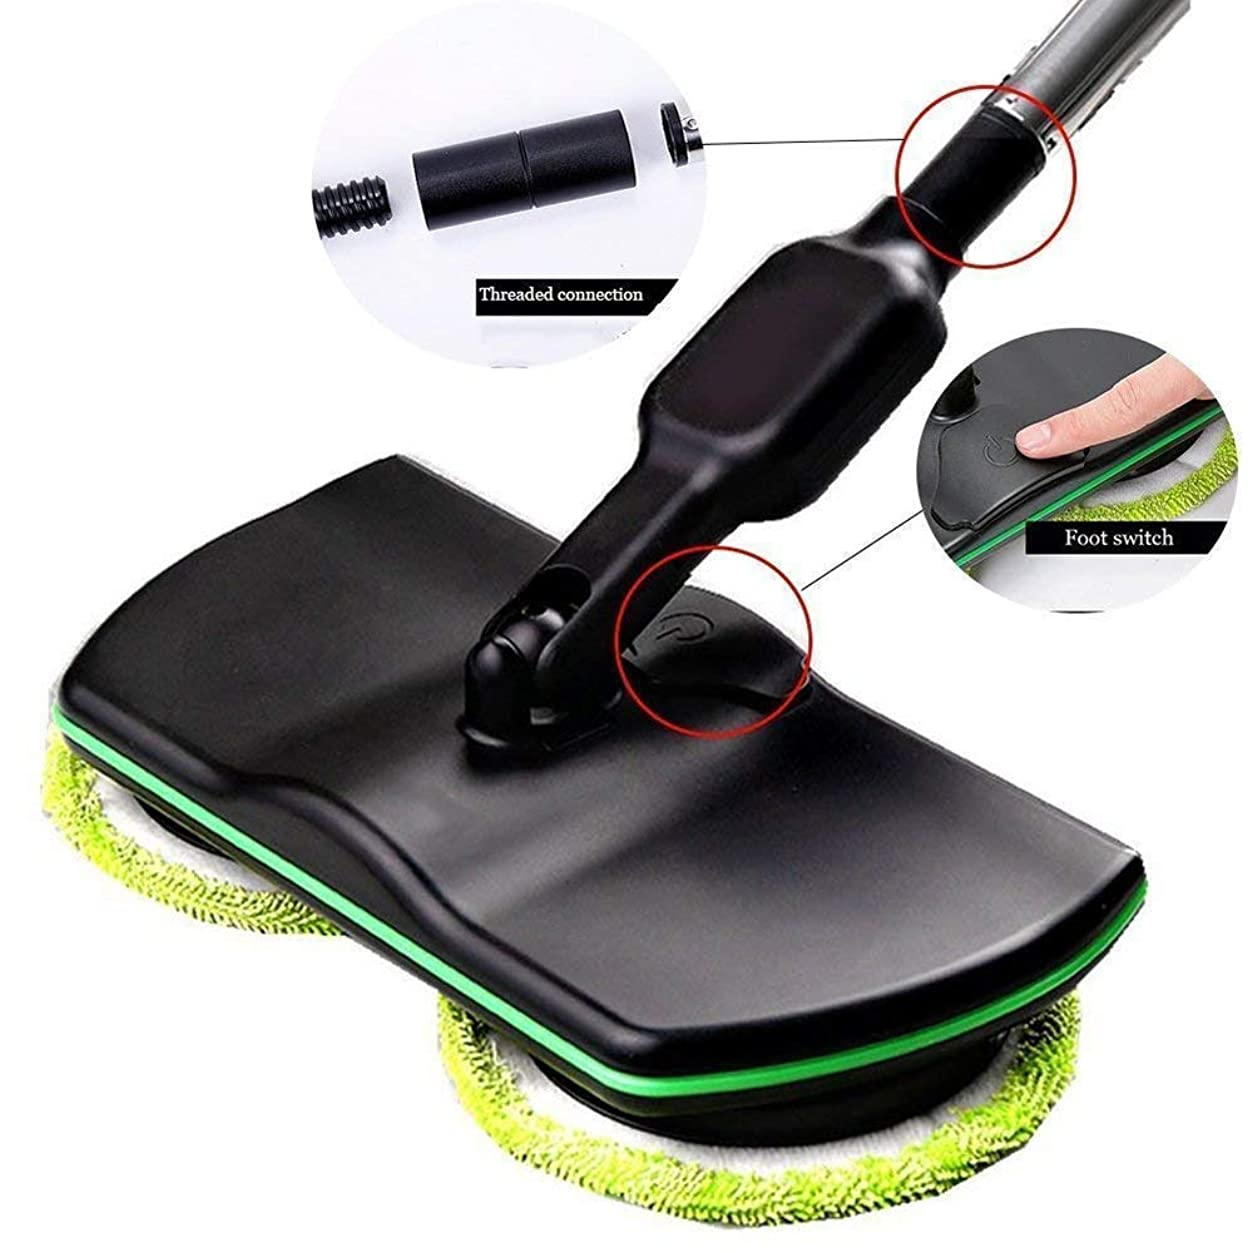 アコー起こりやすい経由で床掃除用コードレス電動スピニングモップ、充電式電動床掃除機スクラバーポリッシャーモップ、ハンドヘルドポリッシャー、スクラバースイーパー